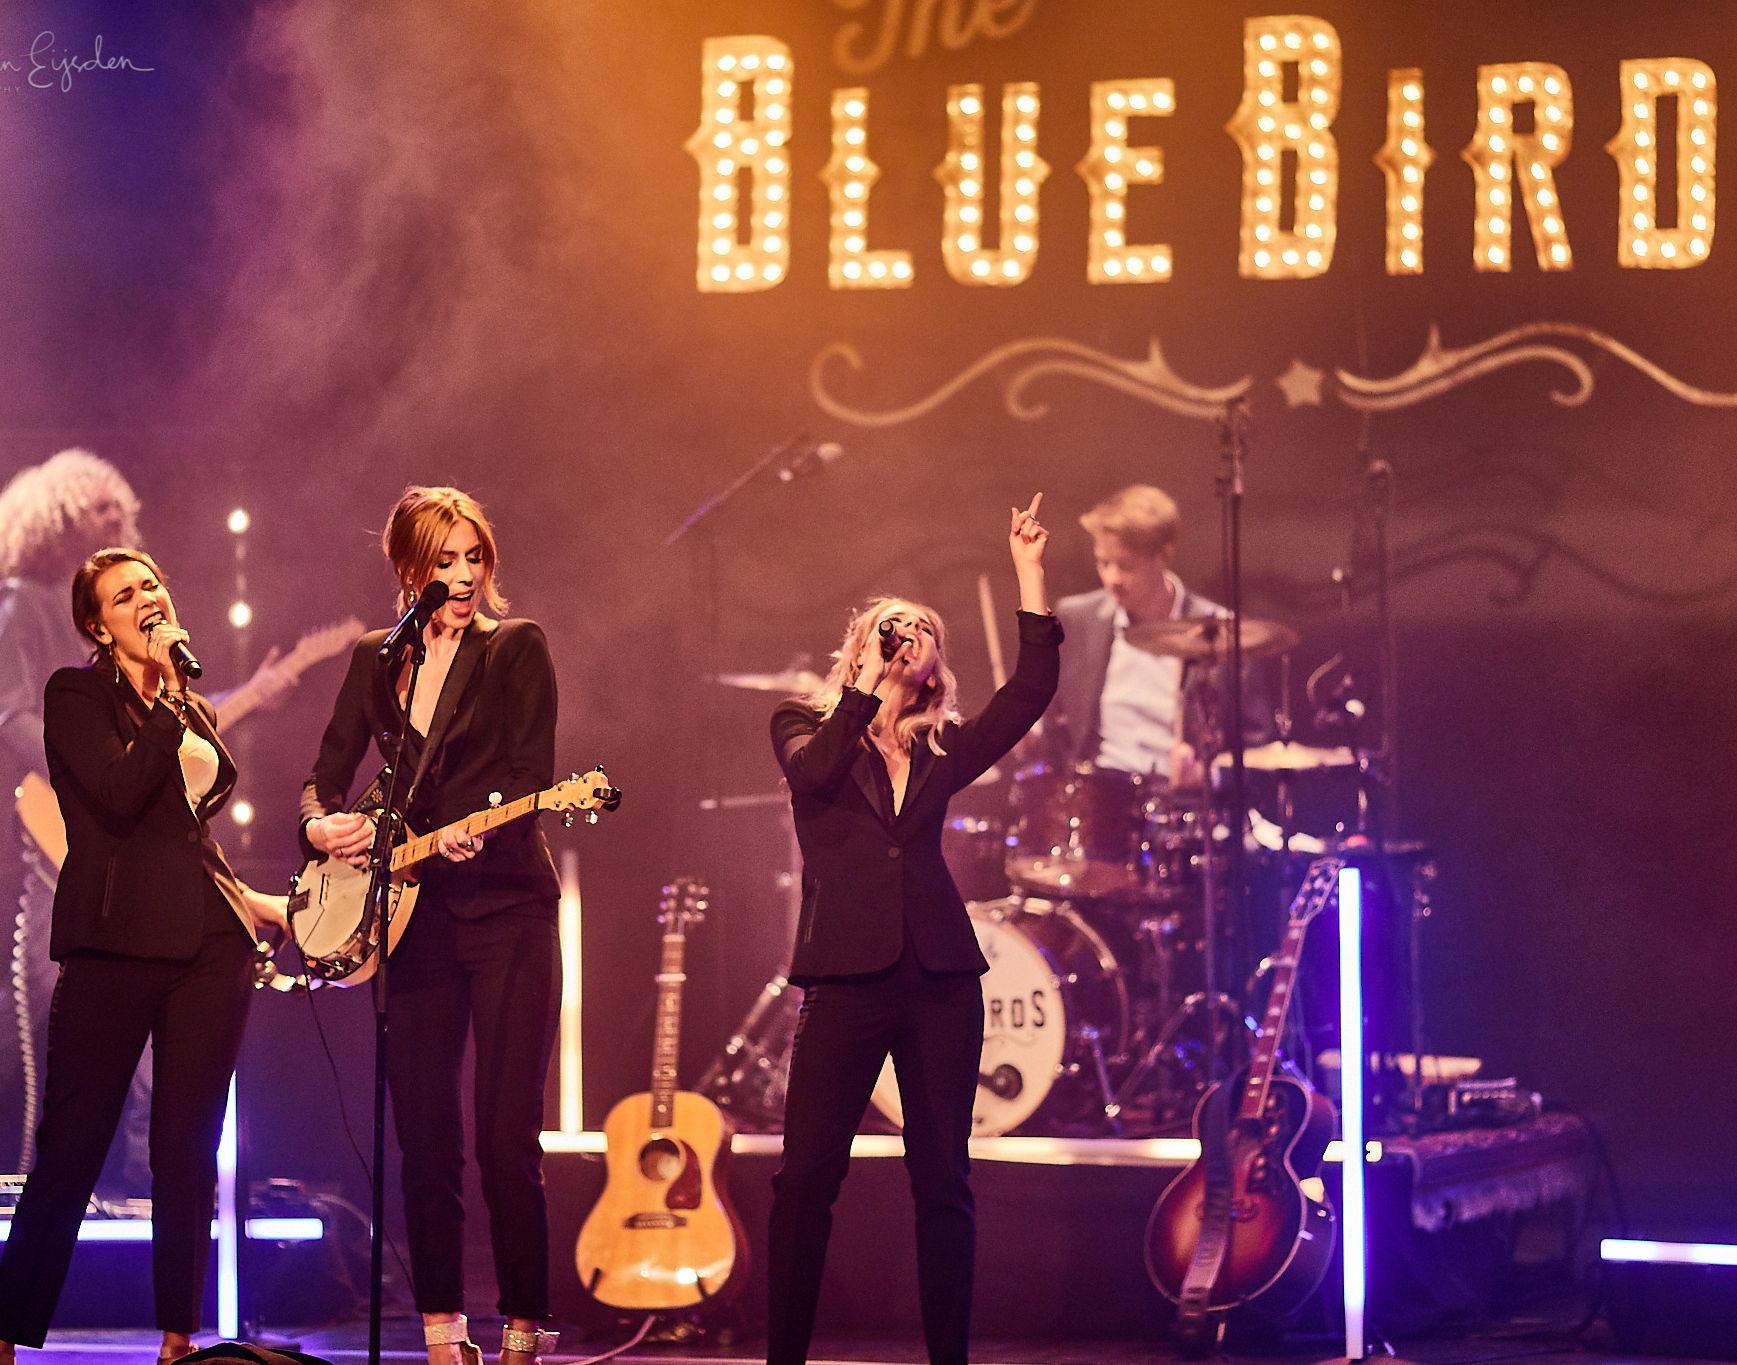 Elske, Krystl en Rachèl bundelen hun krachten en liefde voor countrymuziek in een prachtig eerbetoon aan de mooiste americana en country songs.